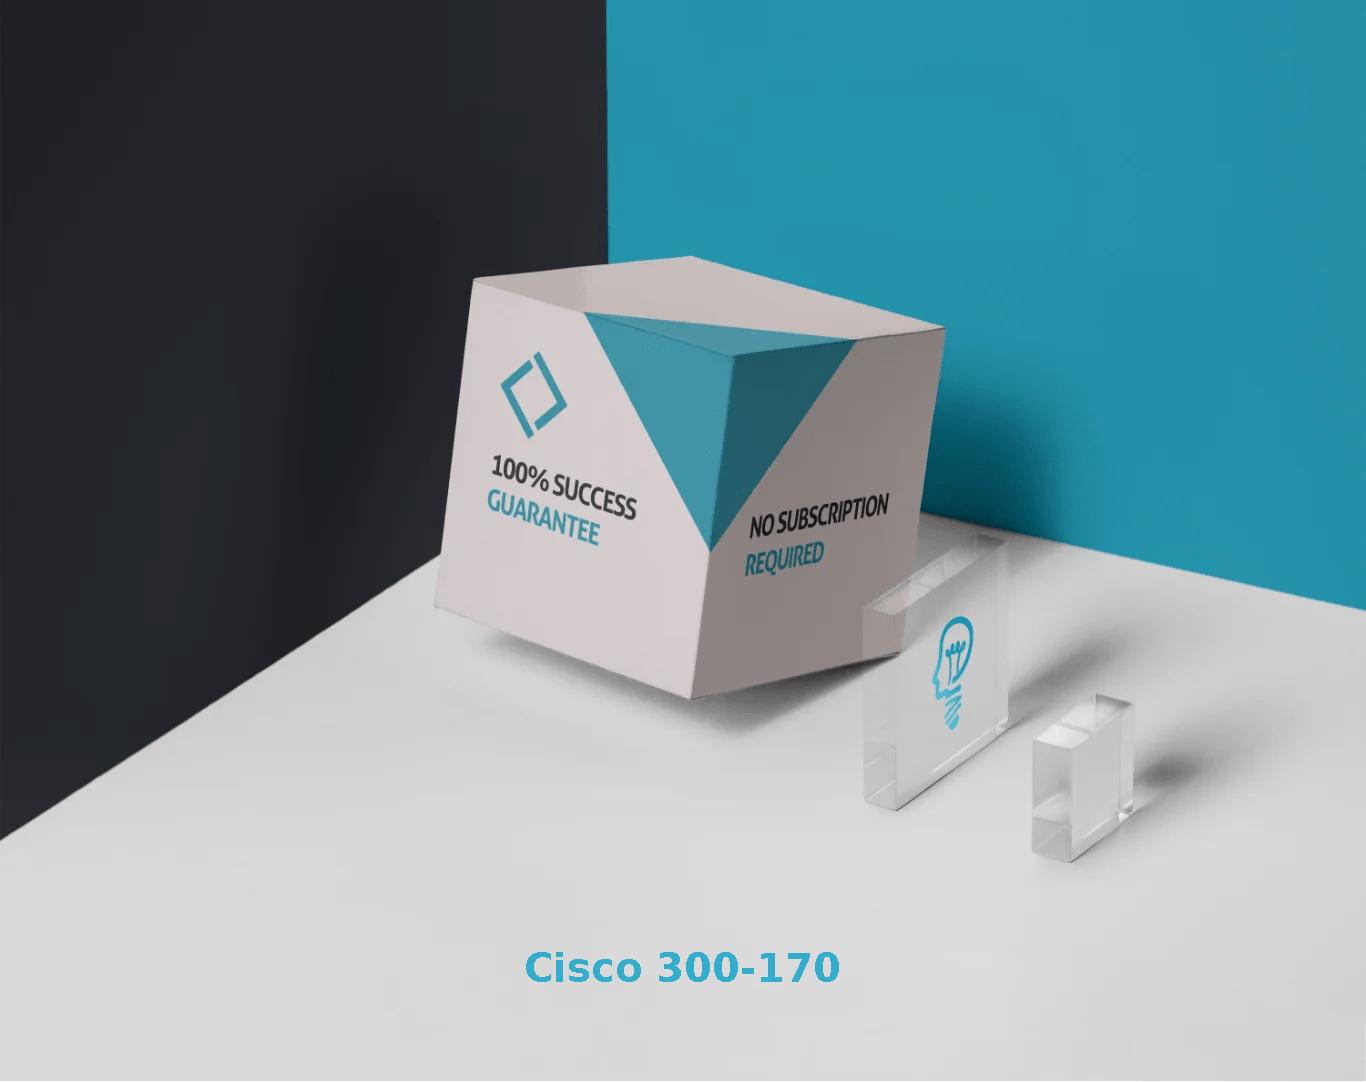 Cisco 300-170 Exams